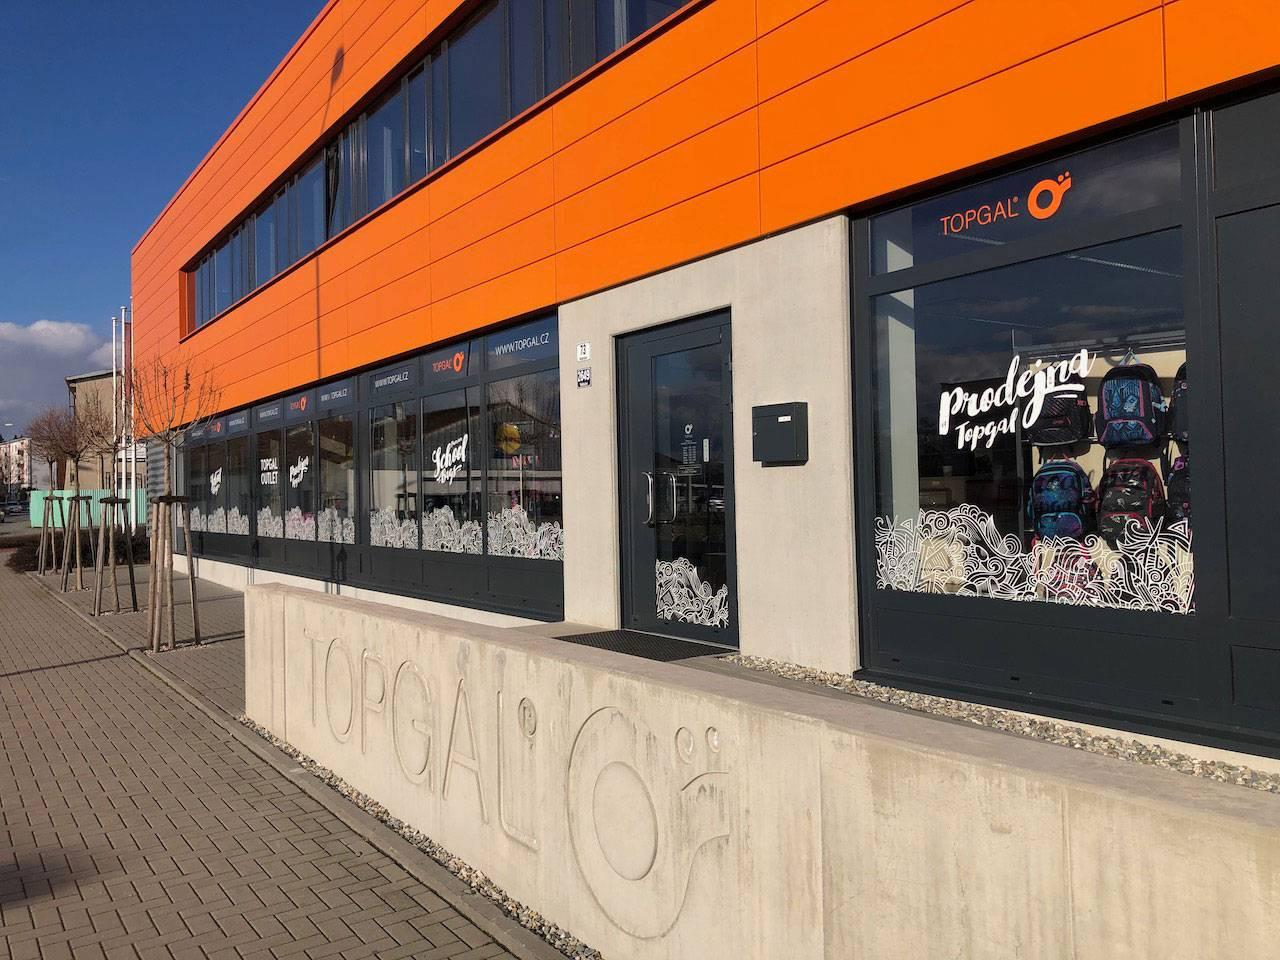 Sídlo a podniková prodejna firmy Topgal ve Šternberku